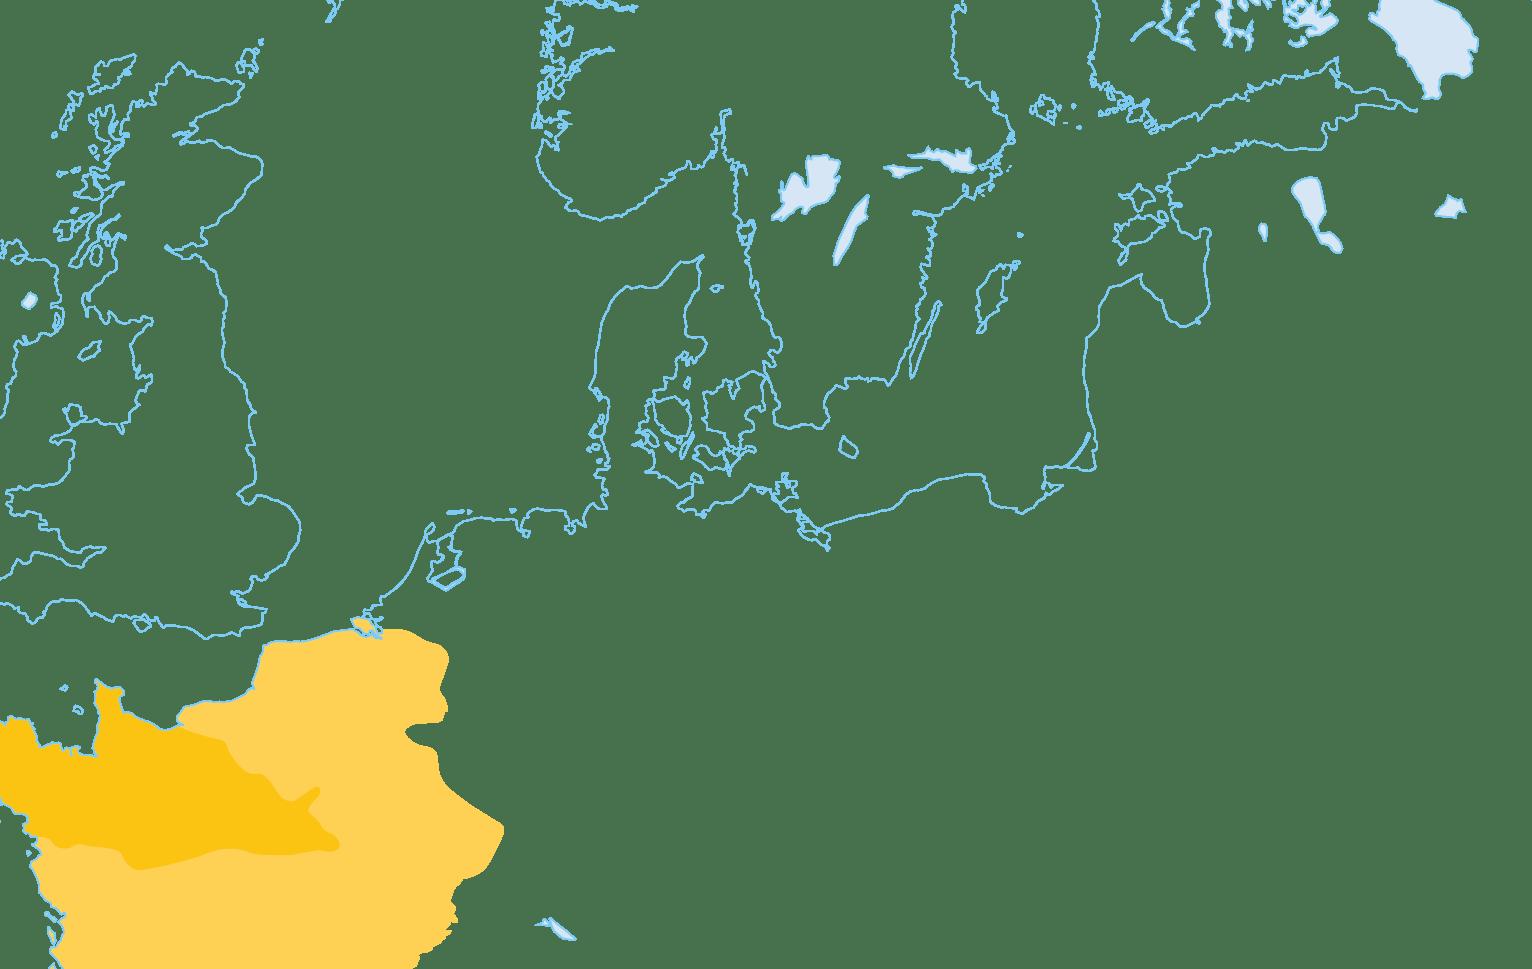 Juin 1944 Le Debarquement En Normandie Et L Operation Bagration Lelivrescolaire Fr